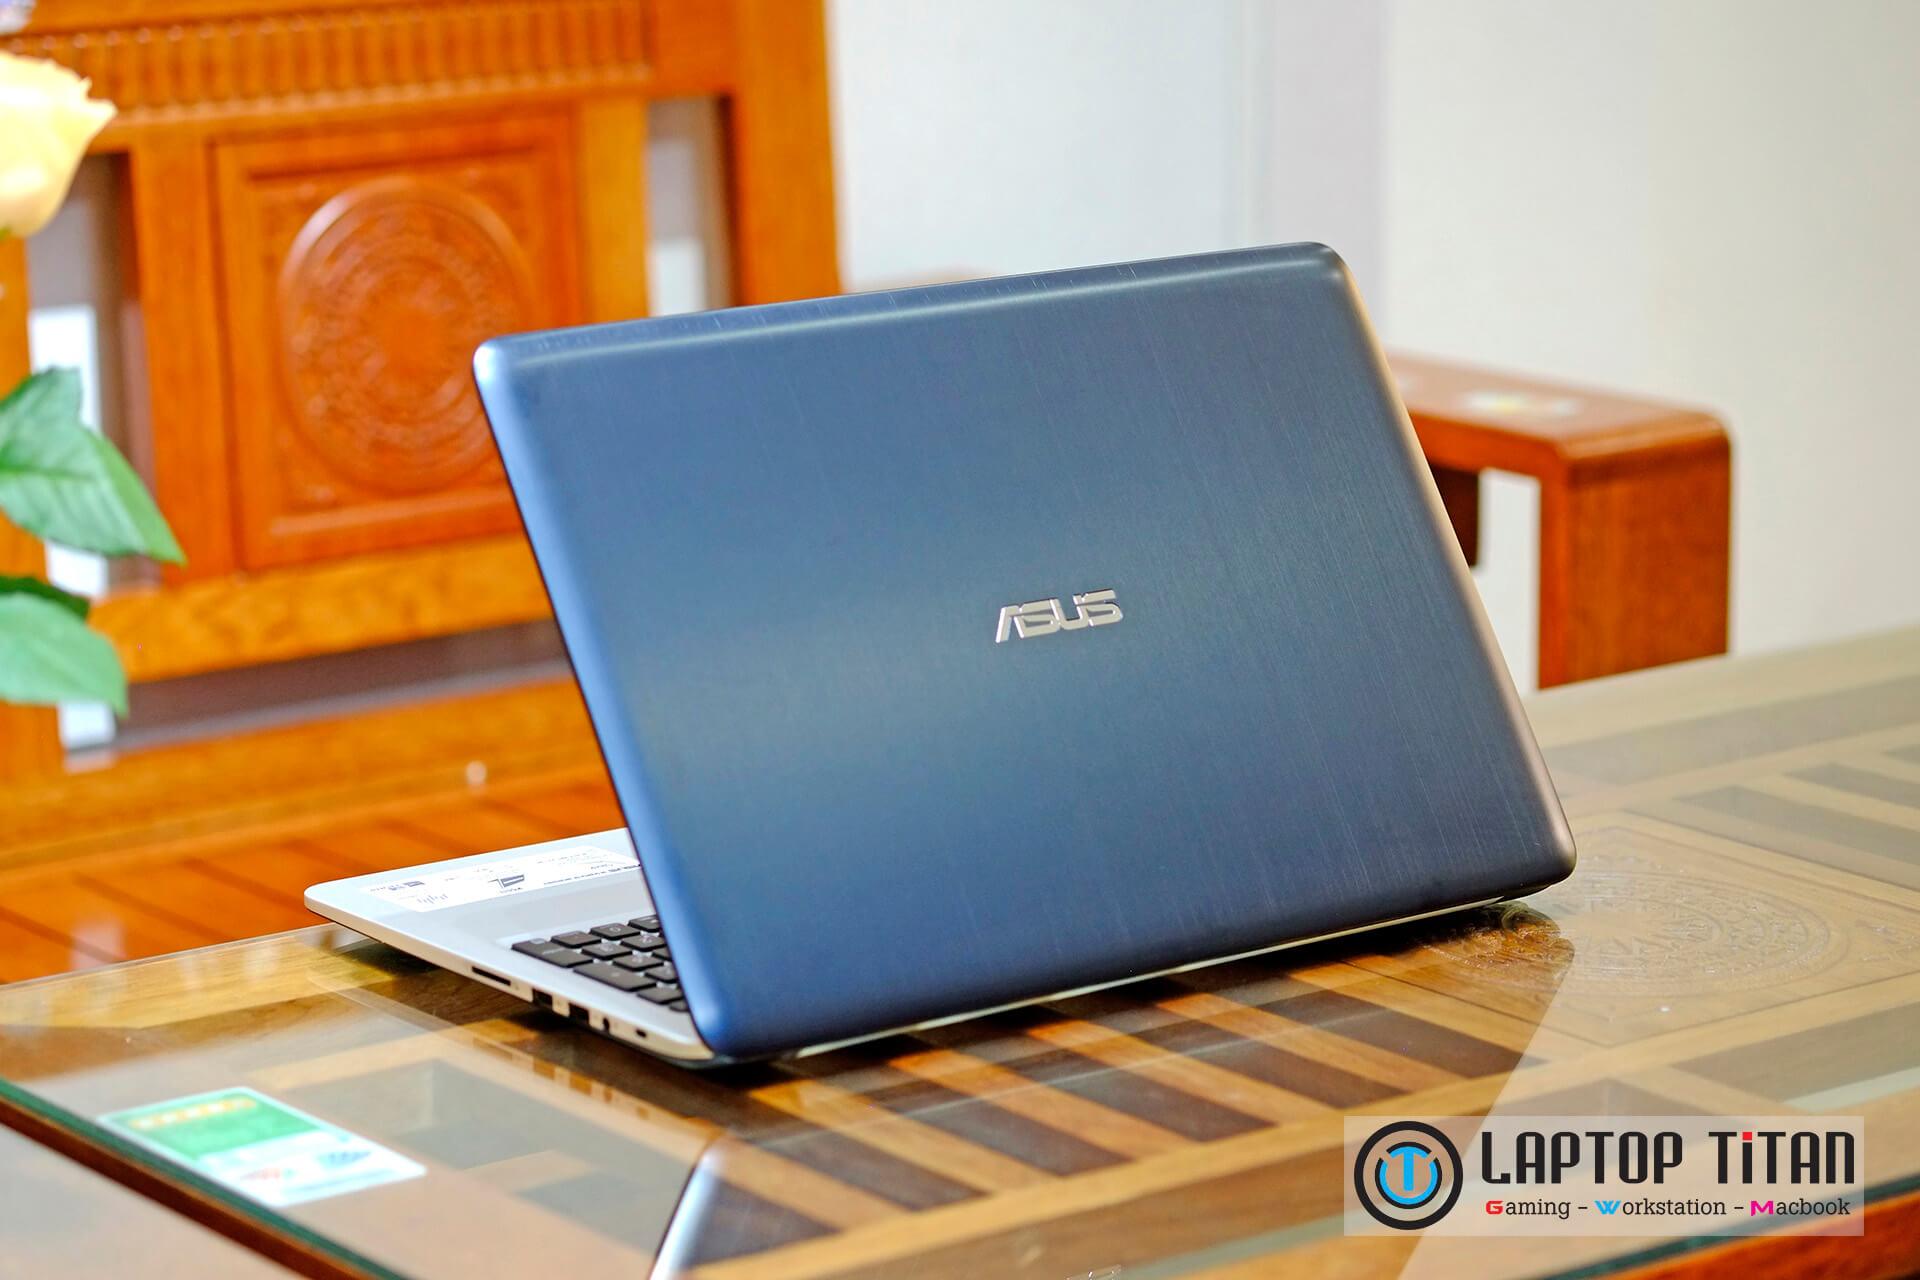 Asus K501lx laptop titan 008